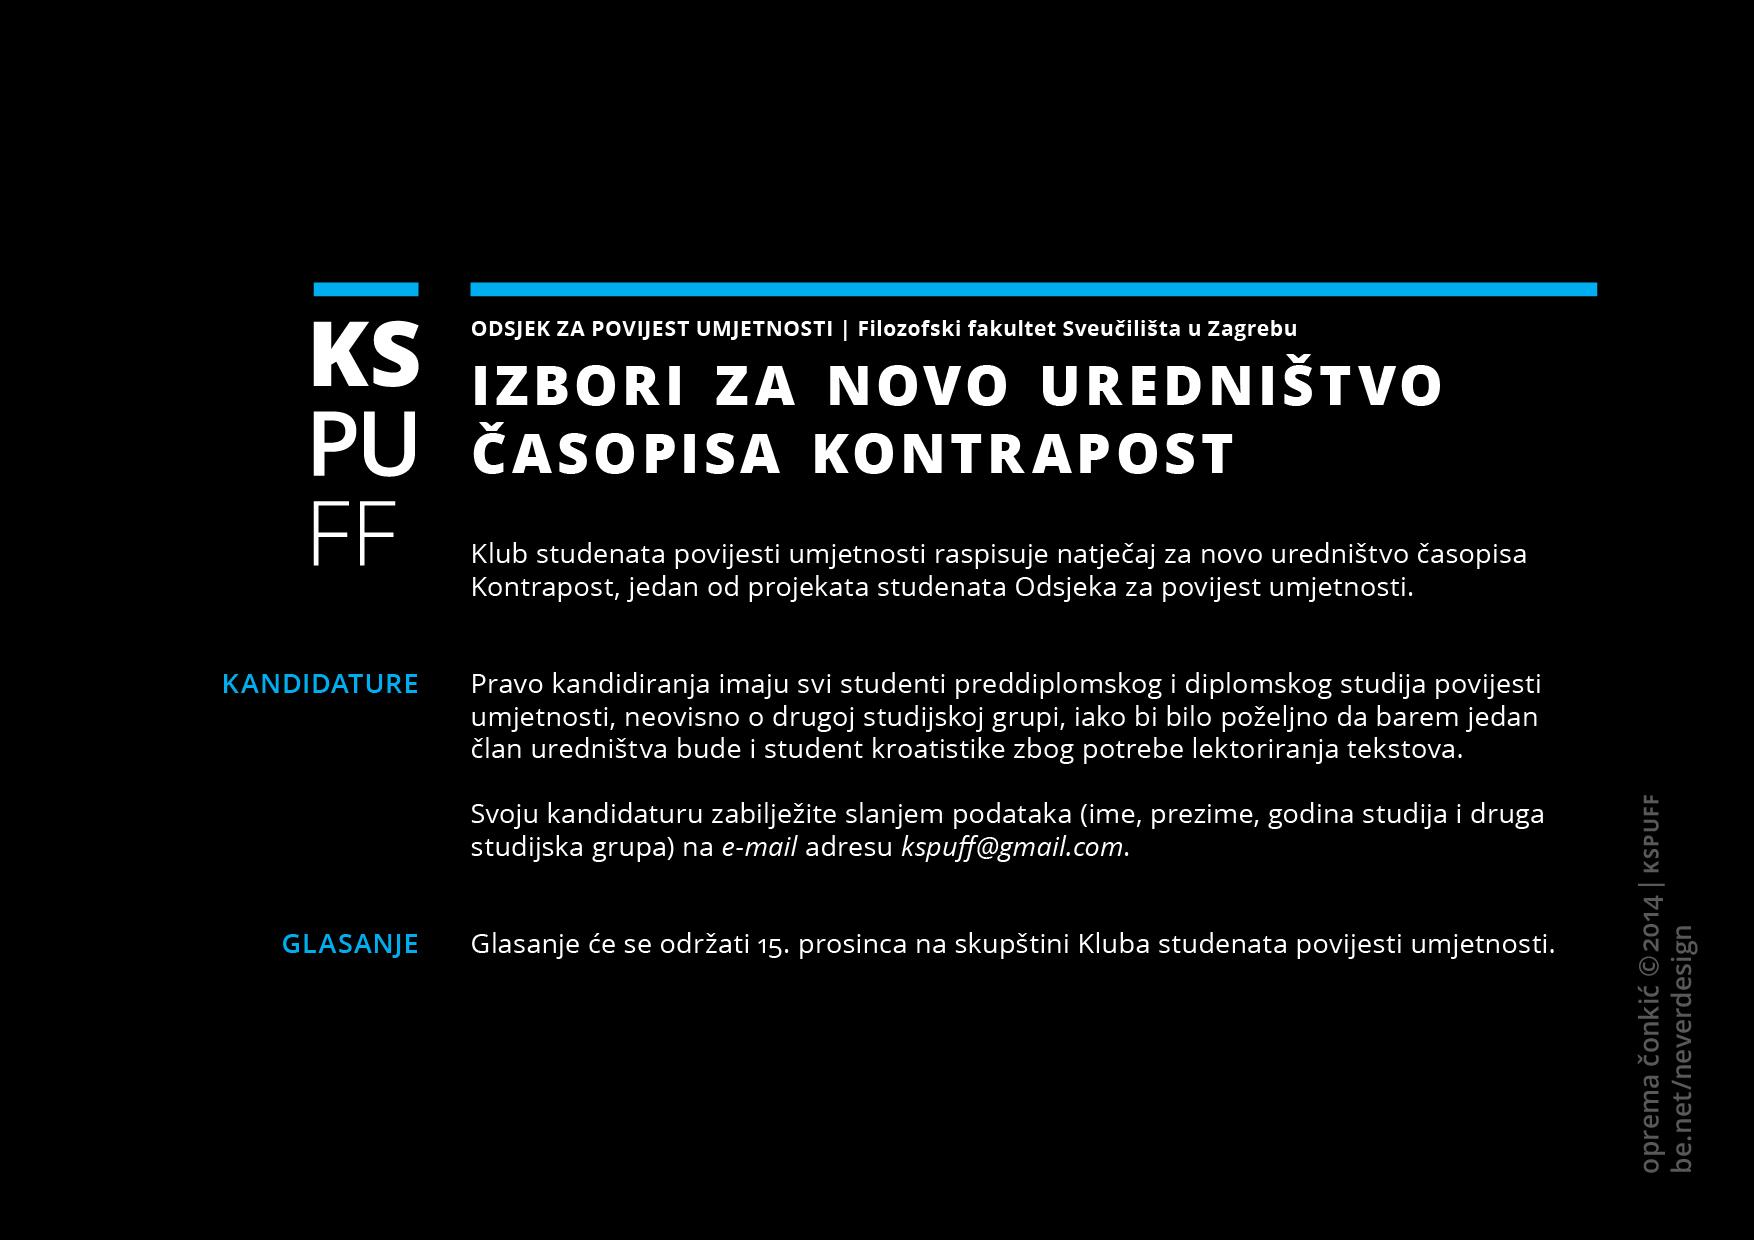 kspuff.fB.kontrapost.editorship.20141203.teo